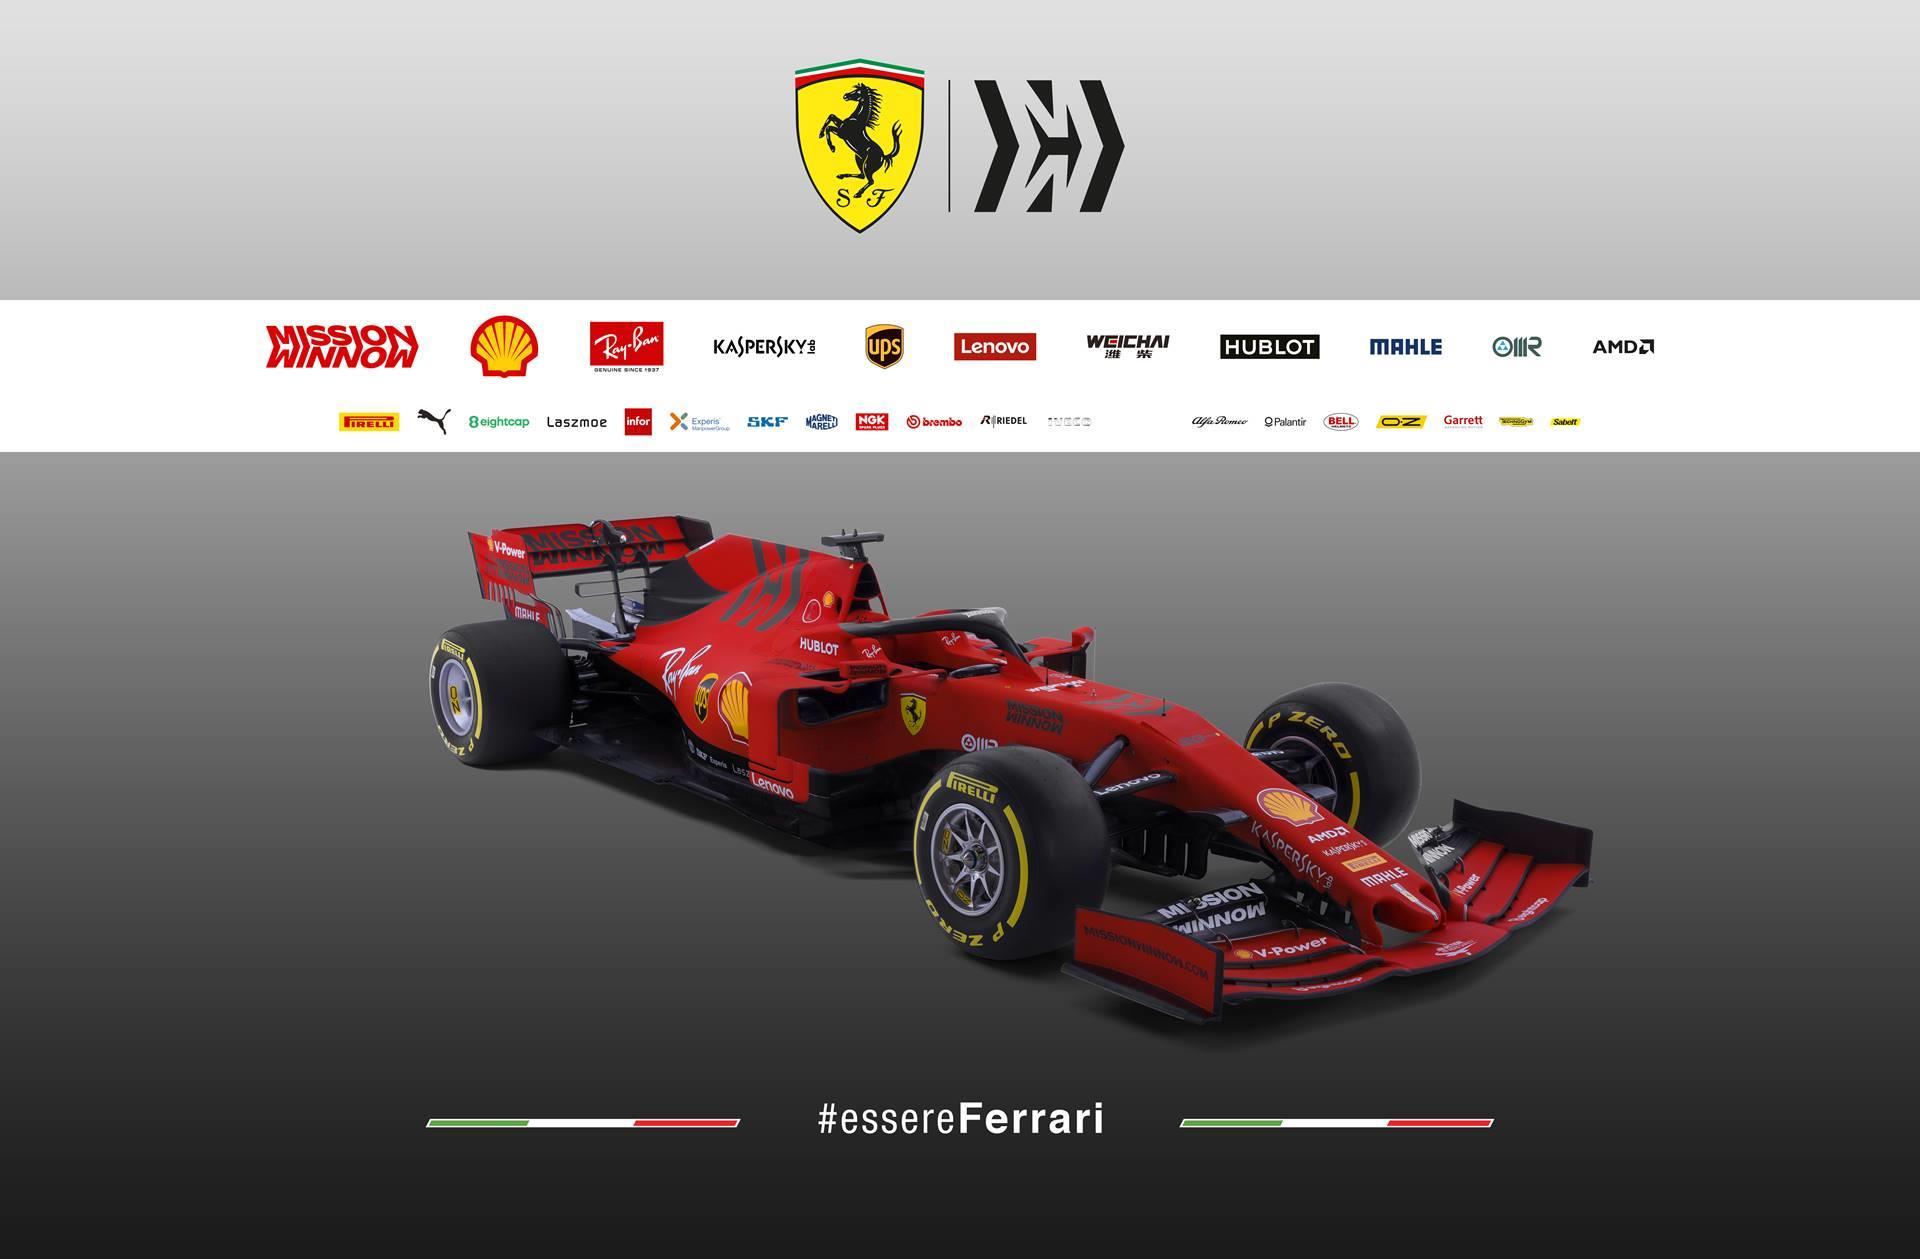 Wallpaper Ferrari Sf90 F1 2019 4k 5k Automotive Cars: [31+] Ferrari SF90 Wallpapers On WallpaperSafari